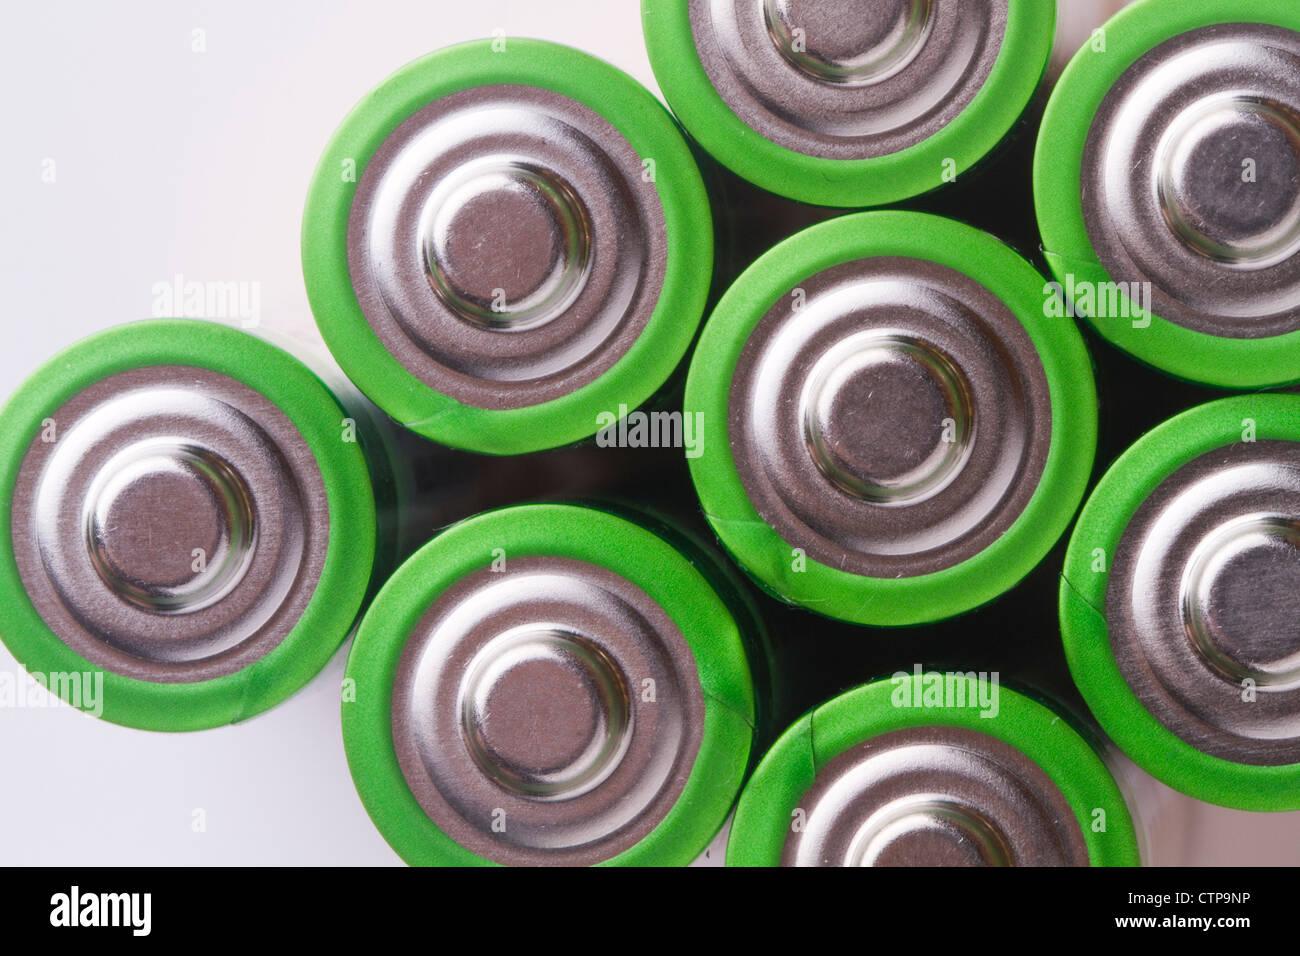 Chiudere la parte superiore della batteria AA,colore su verde Immagini Stock